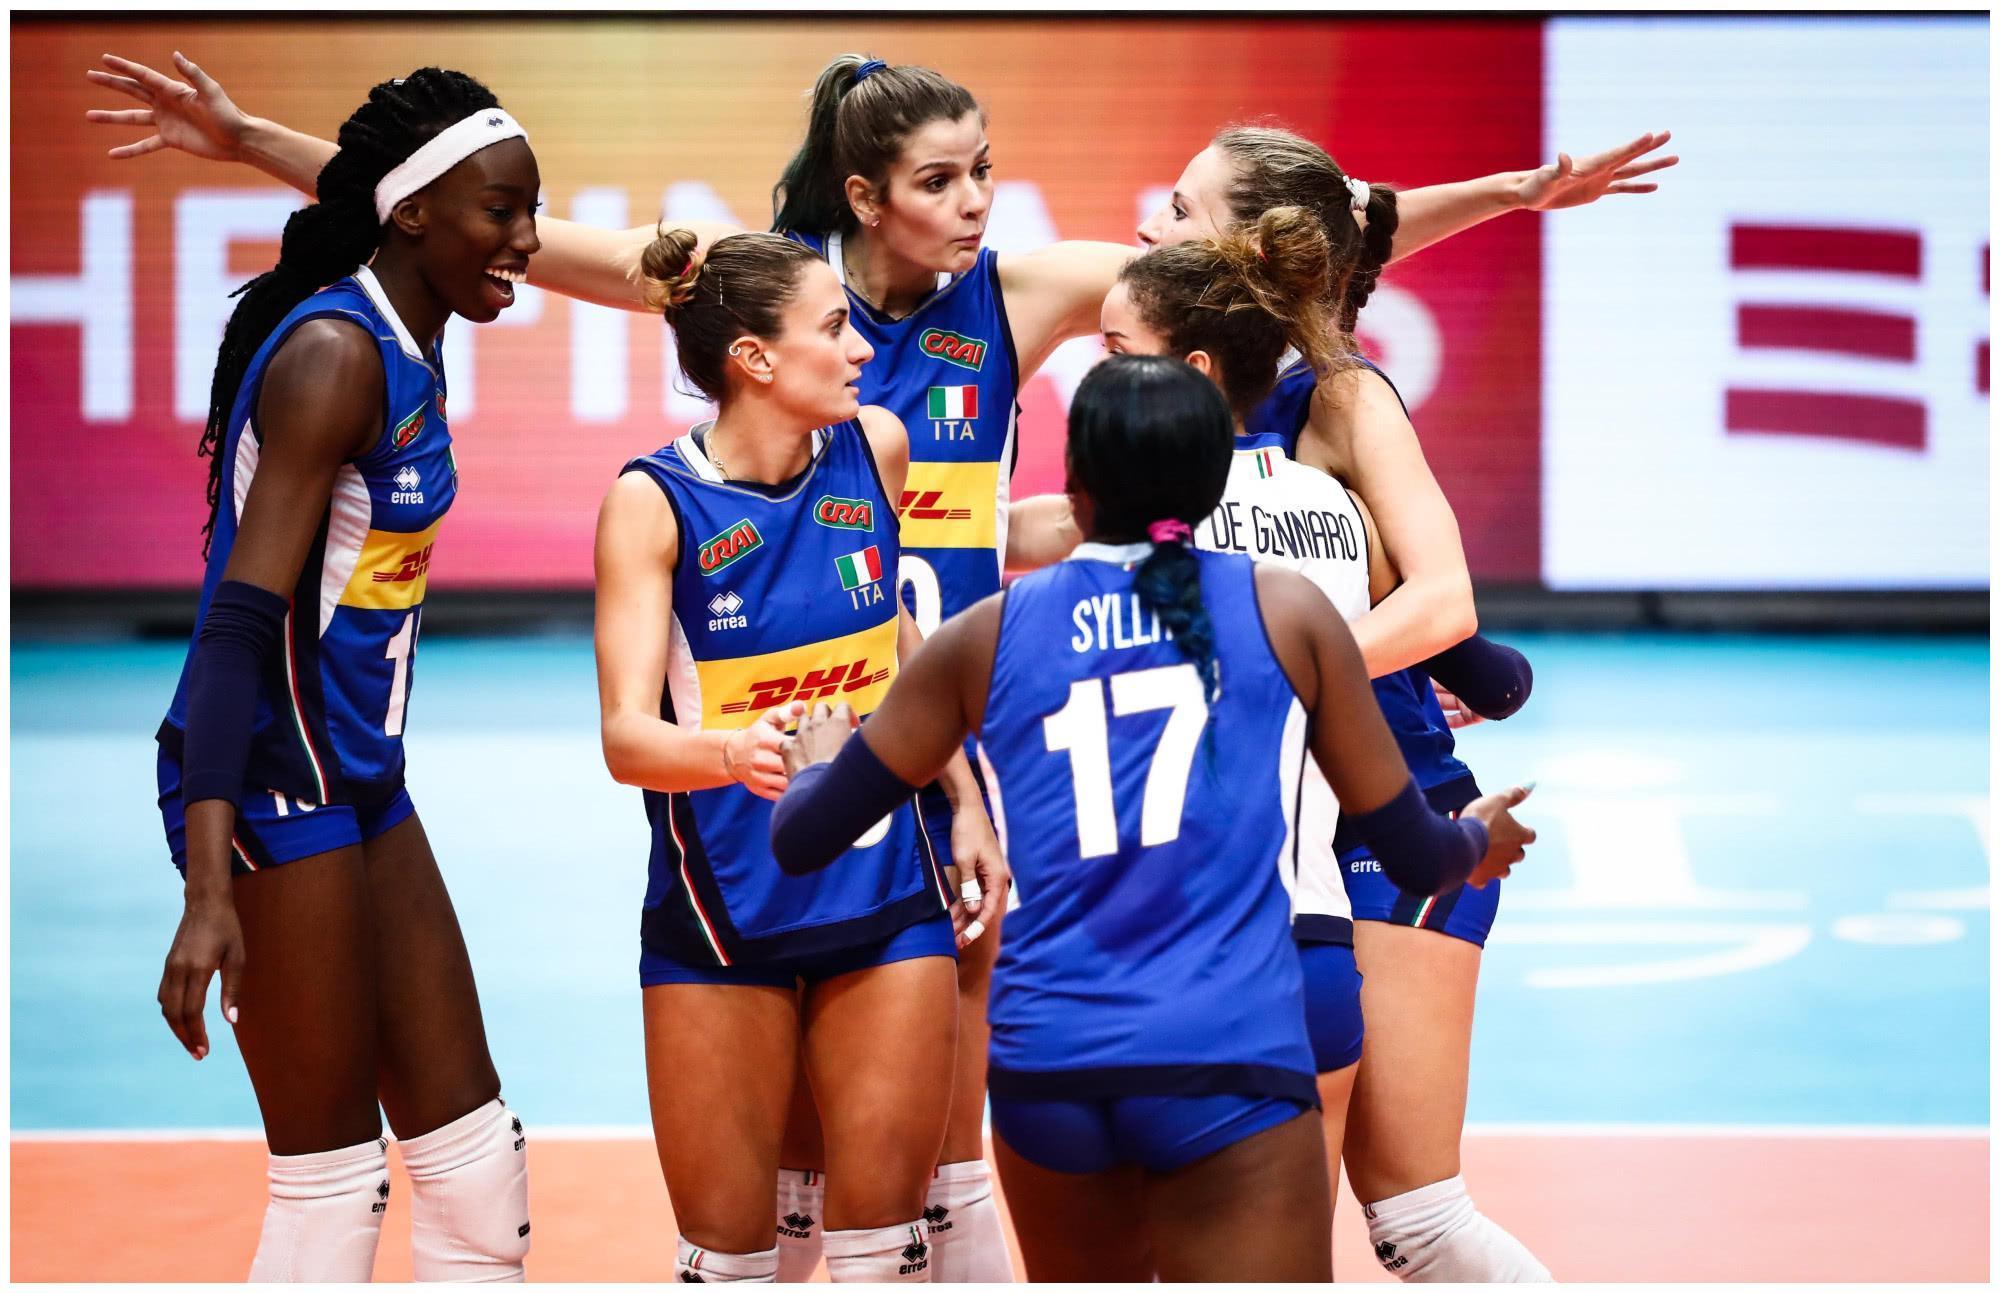 意大利女排奥运夺冠出问题,中国队成最大受益者